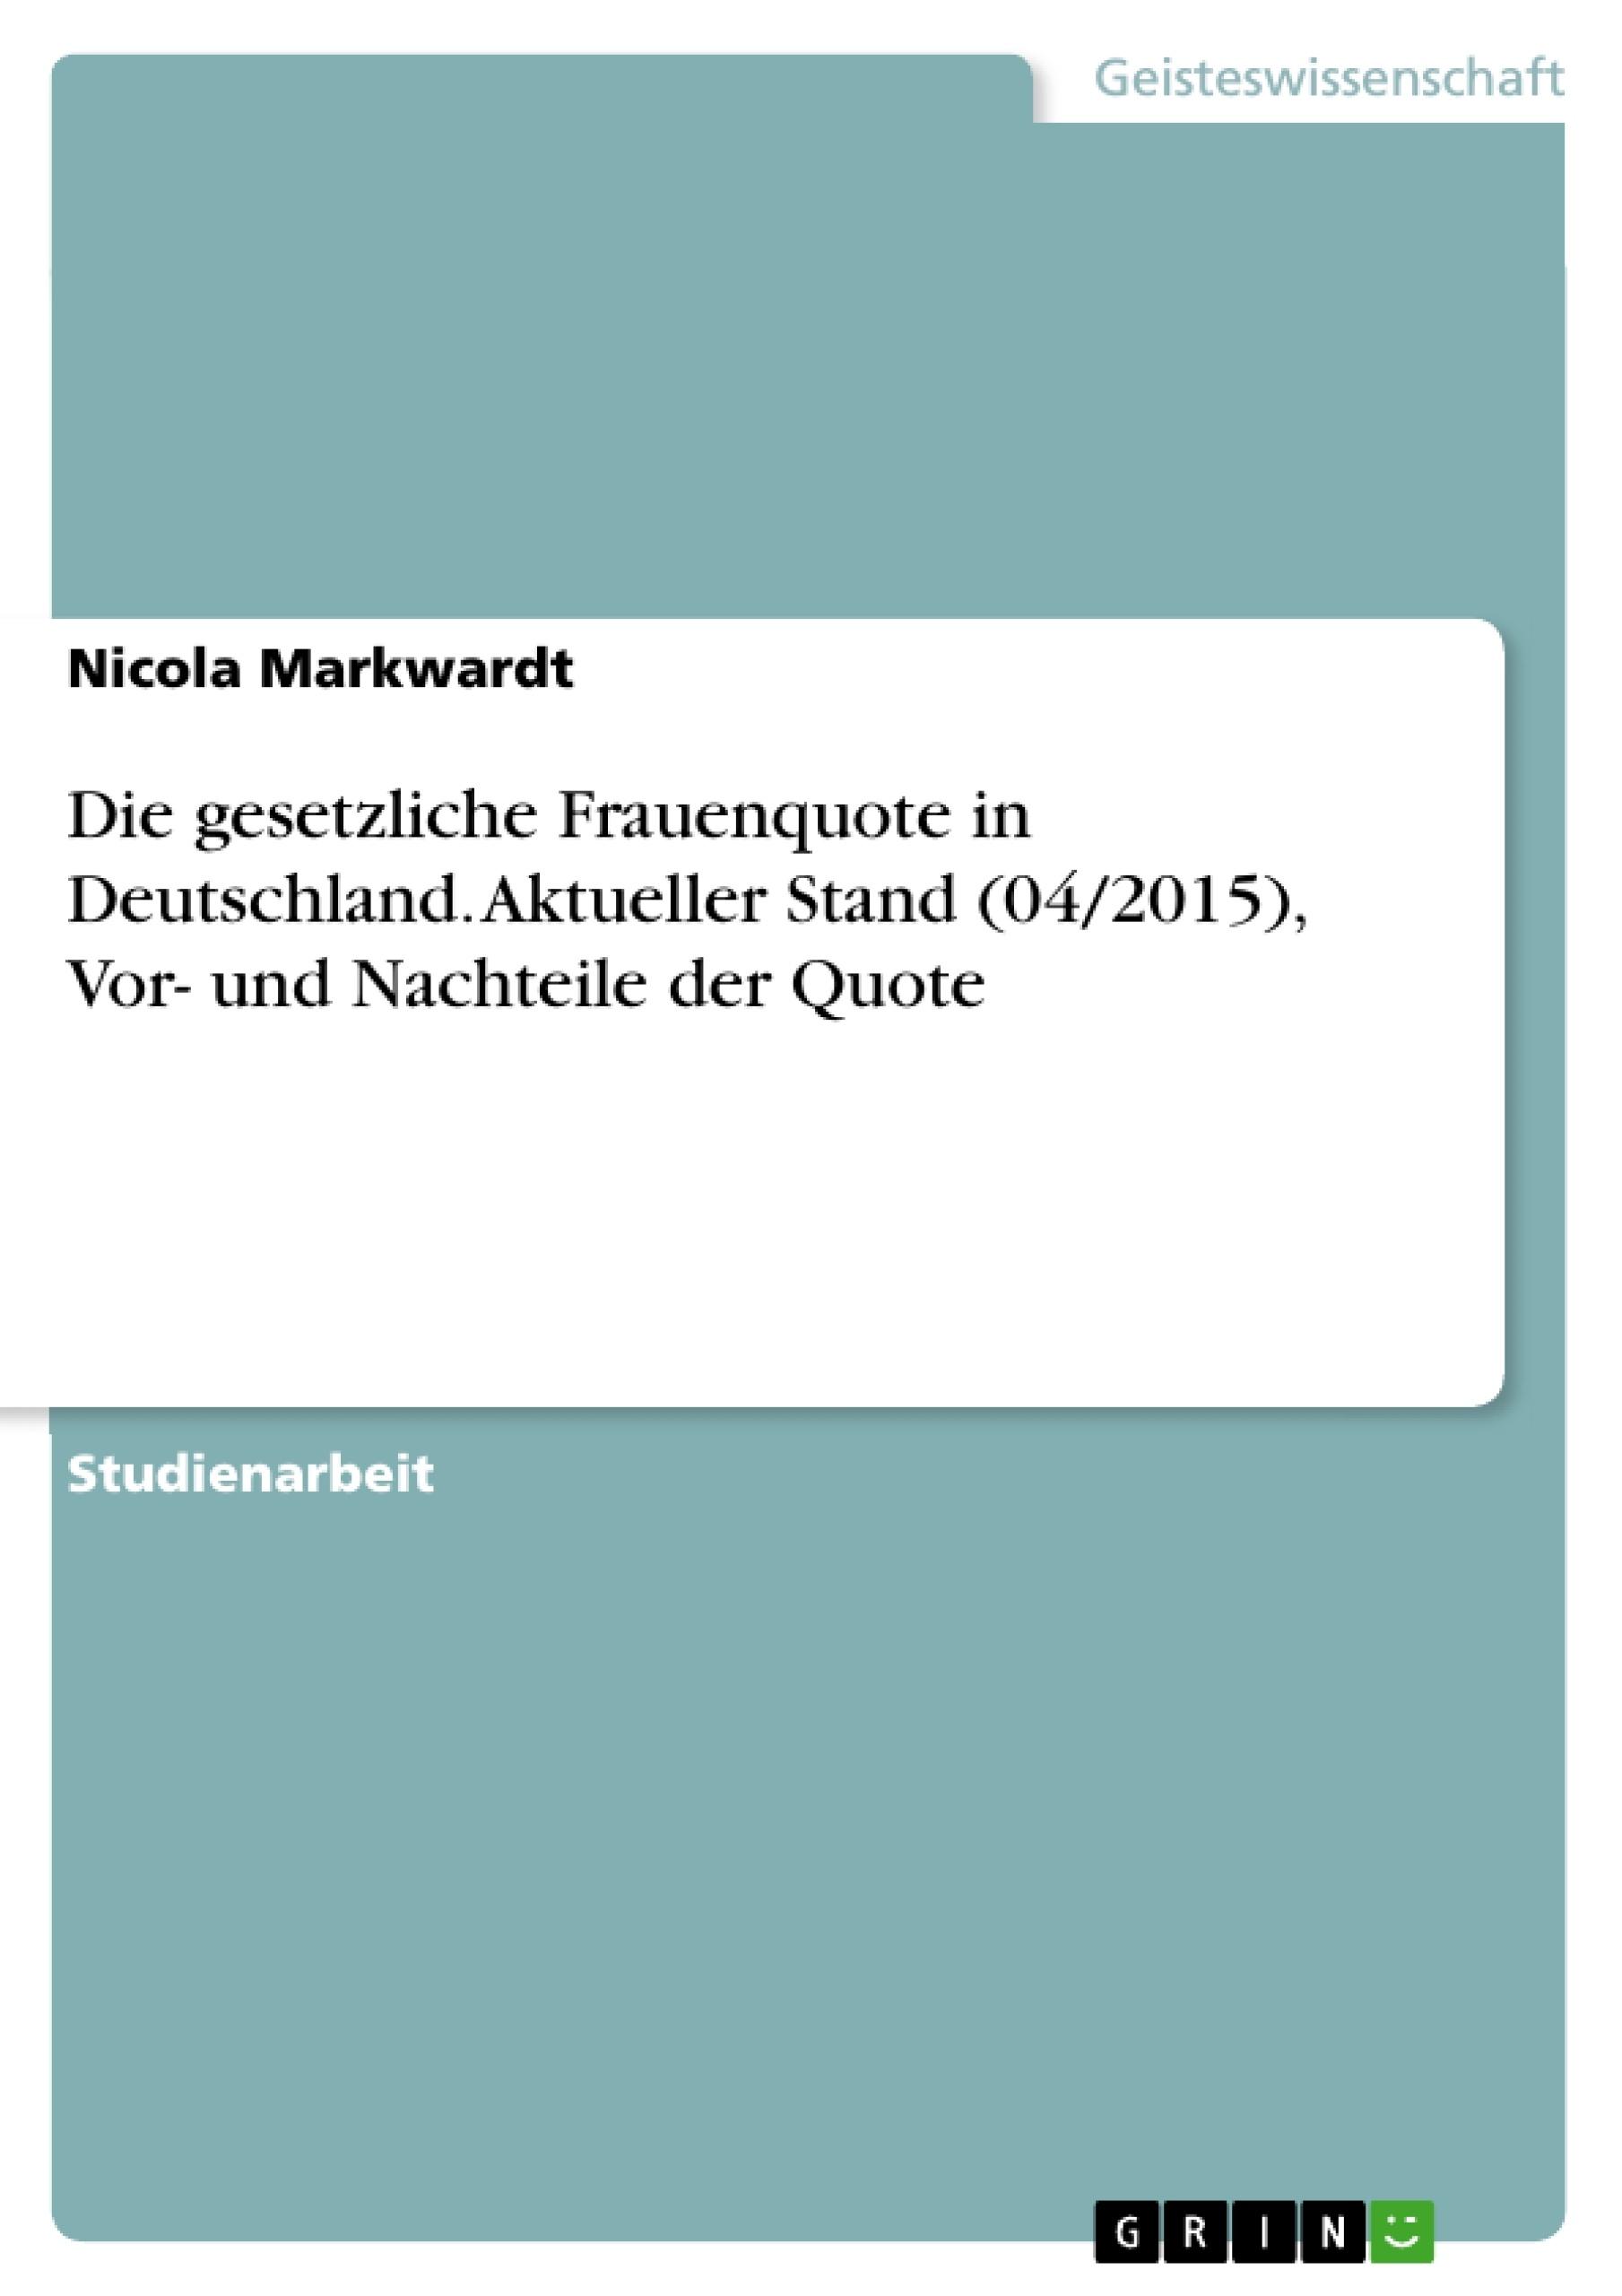 Titel: Die gesetzliche Frauenquote in Deutschland. Aktueller Stand (04/2015), Vor- und Nachteile der Quote